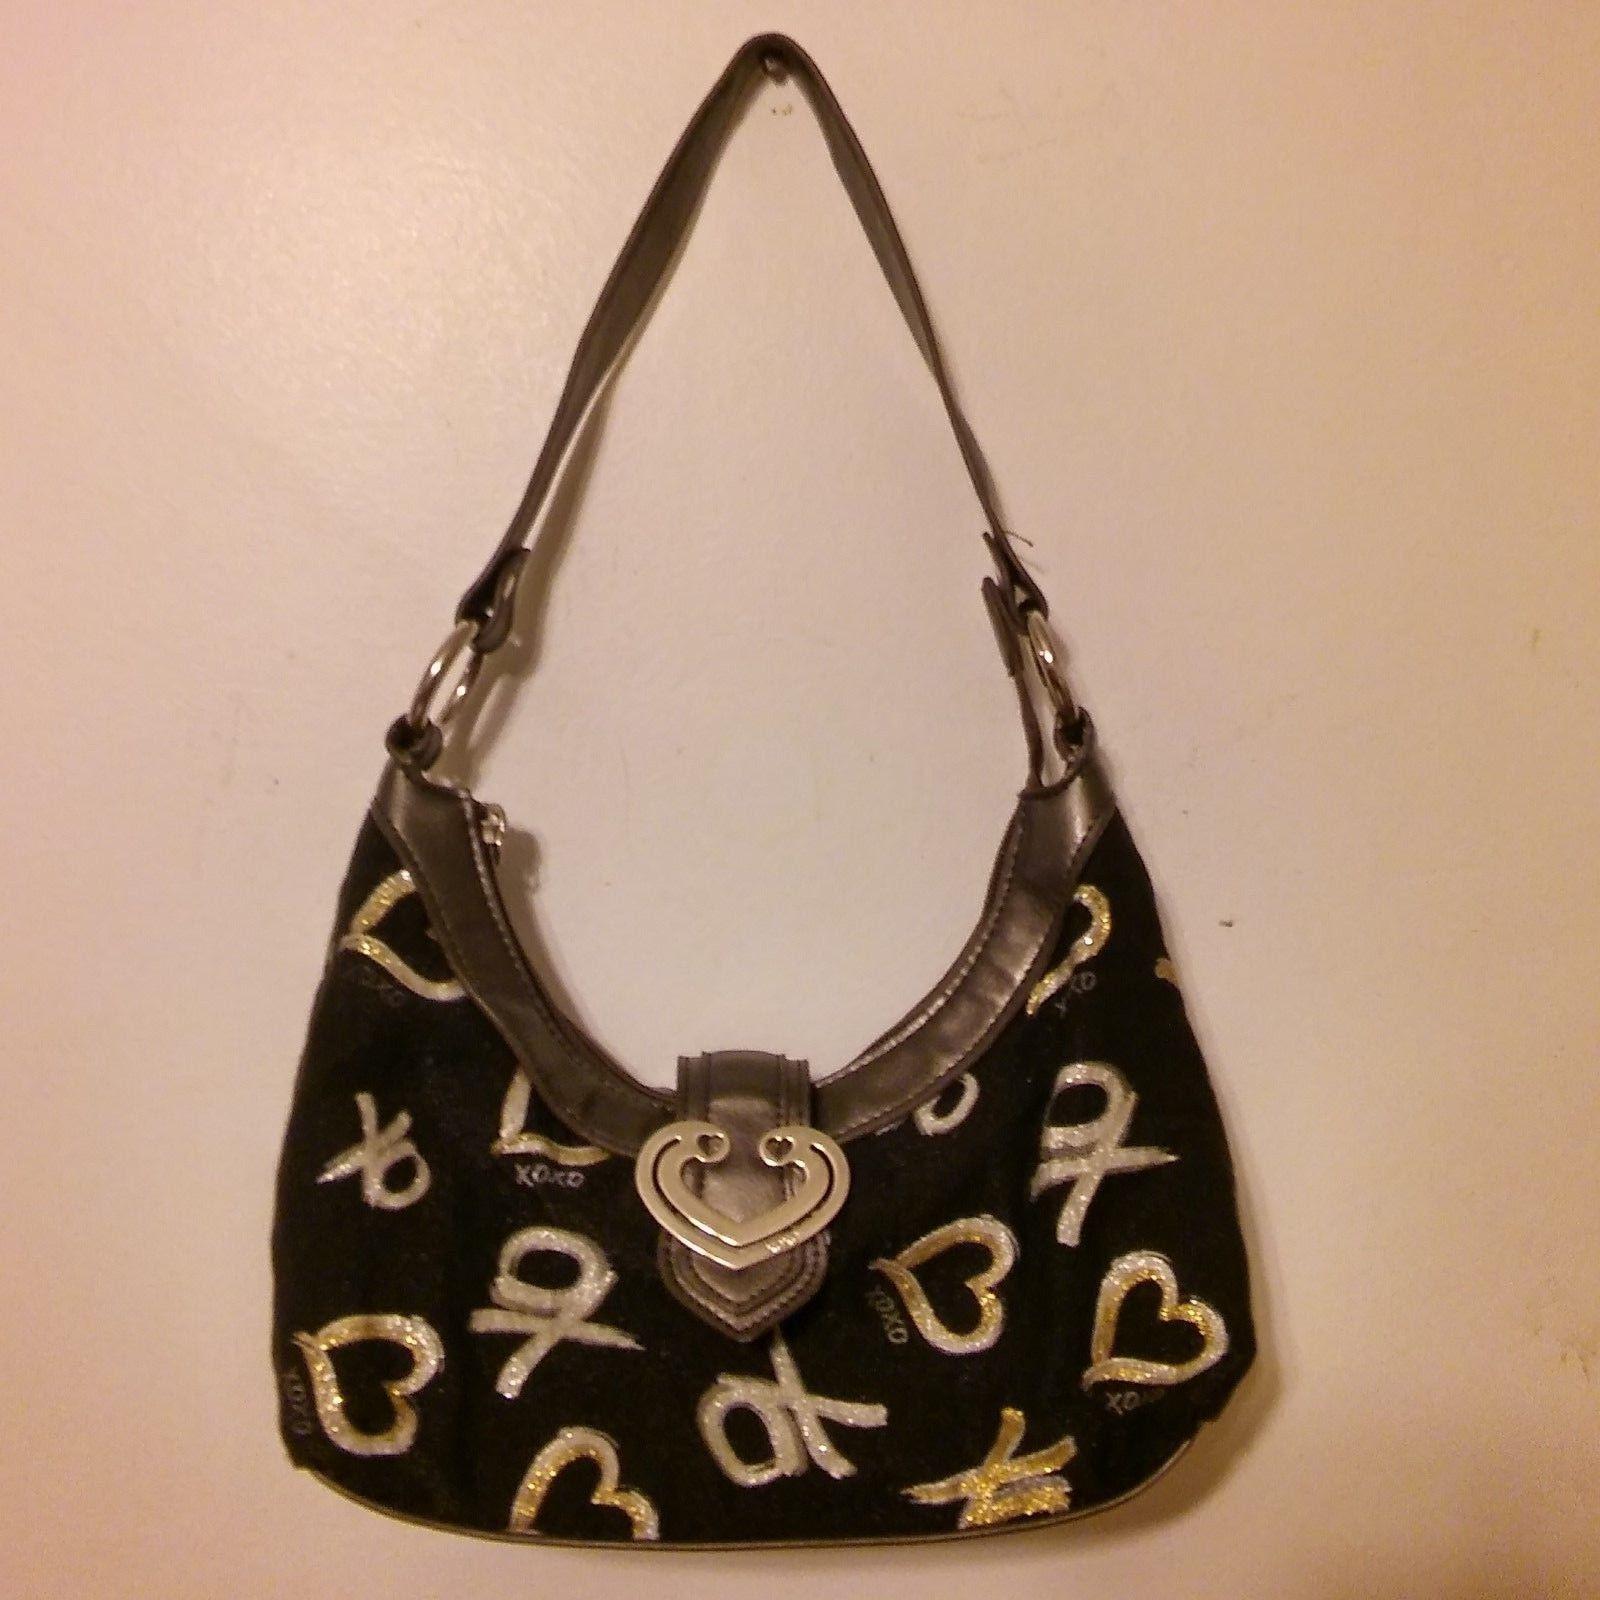 XOXO Purse/Handbag Black with Gold/Silver XO & Hearts